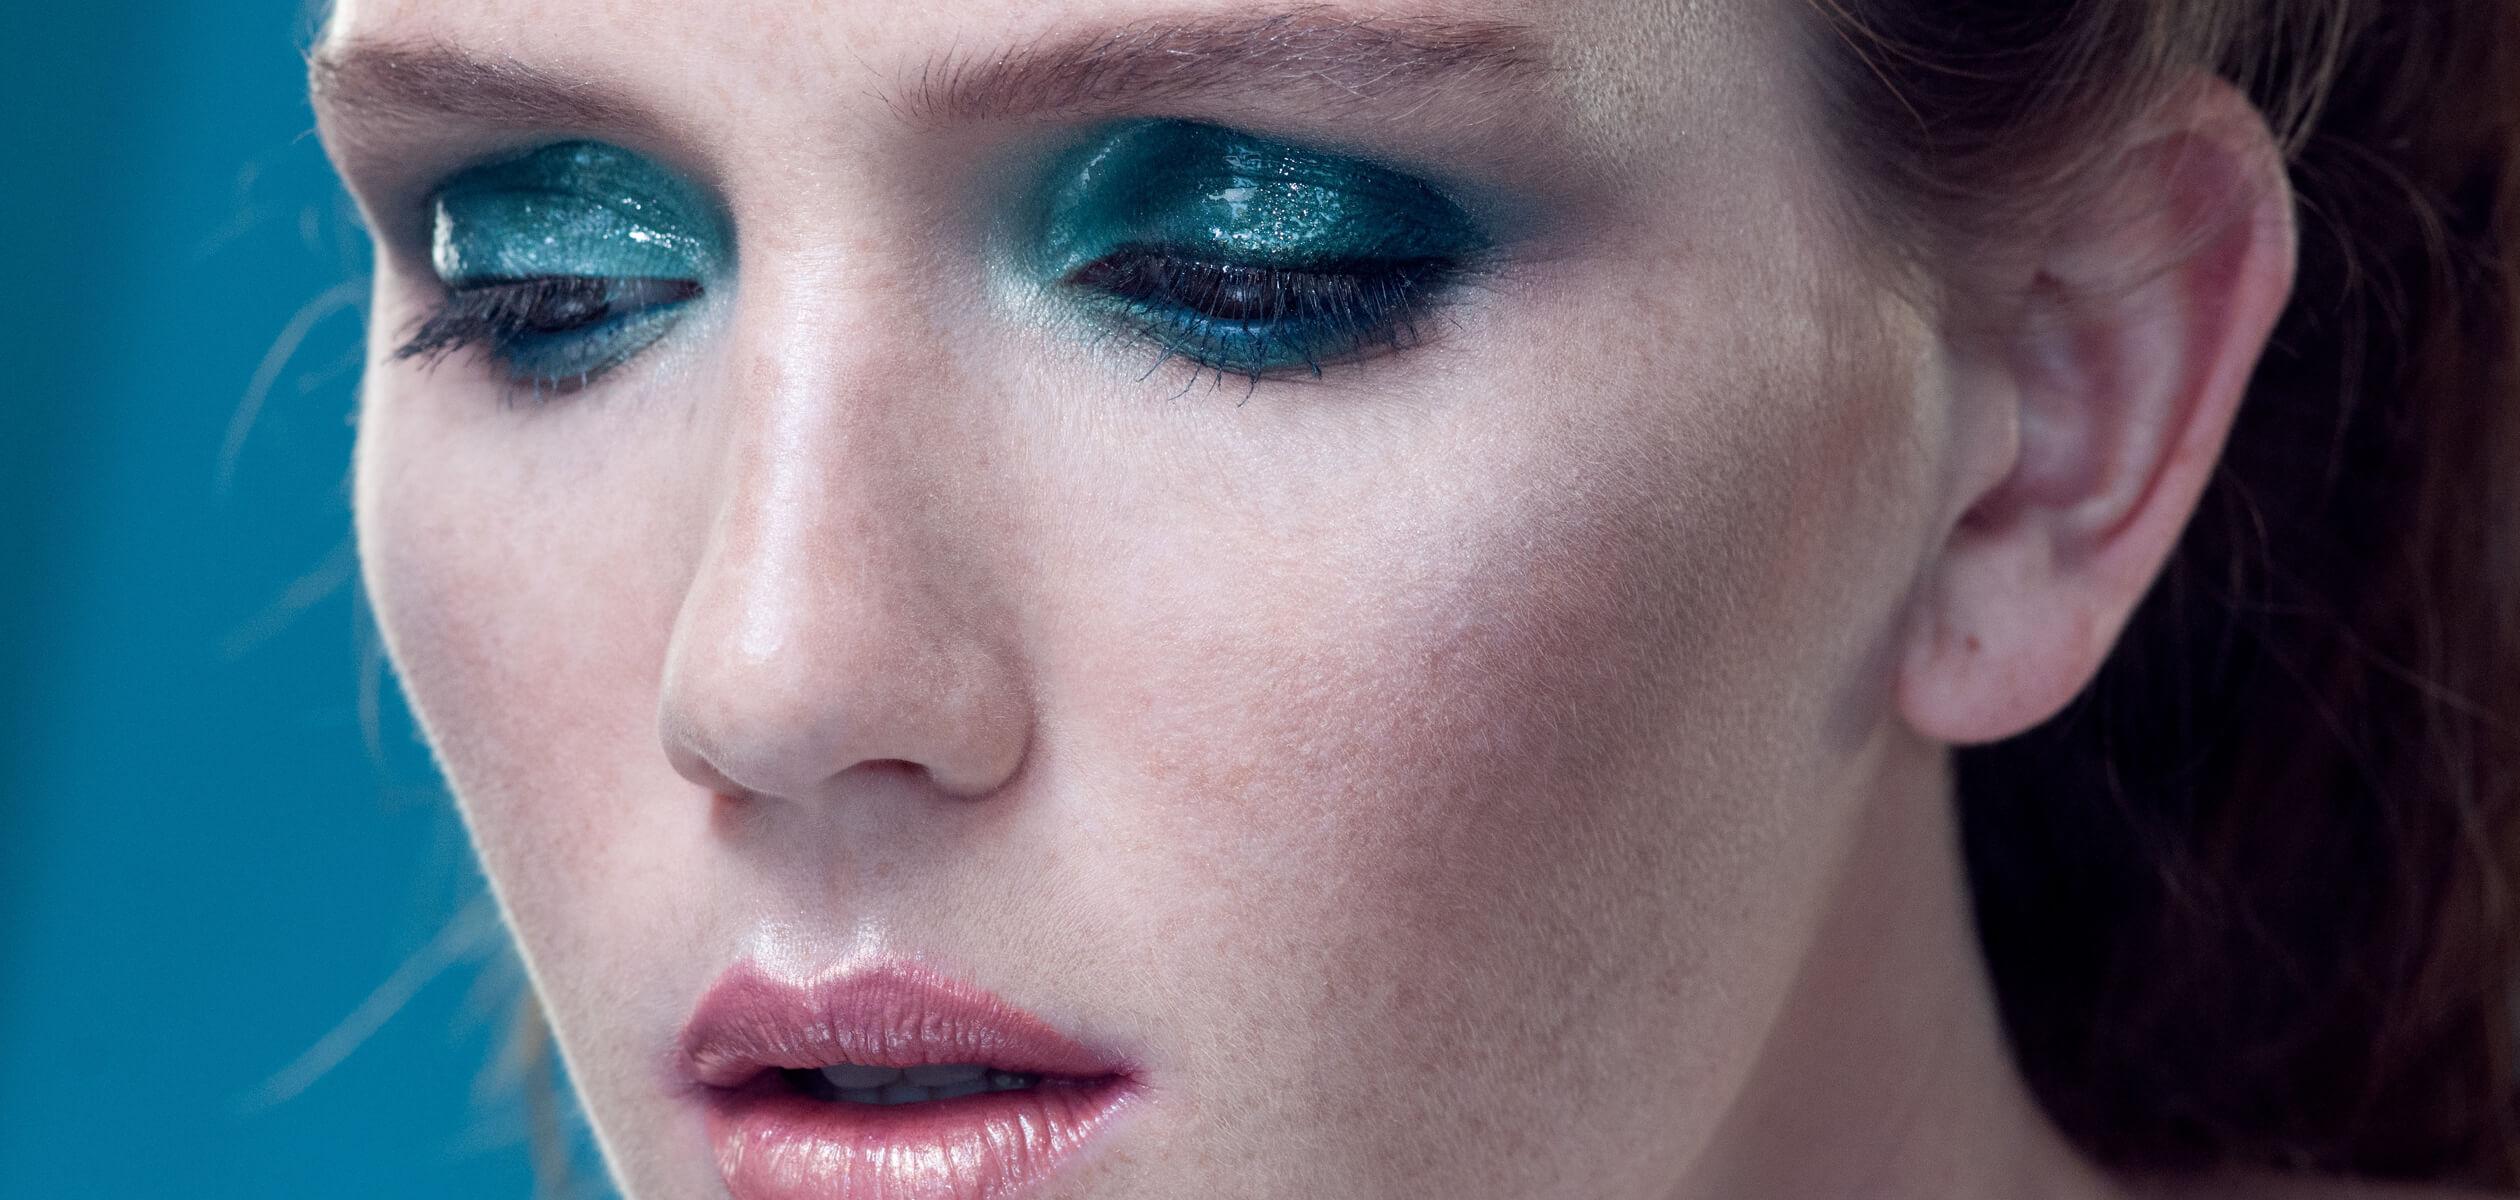 Крупный план лица девушки с голубыми блестящими веками